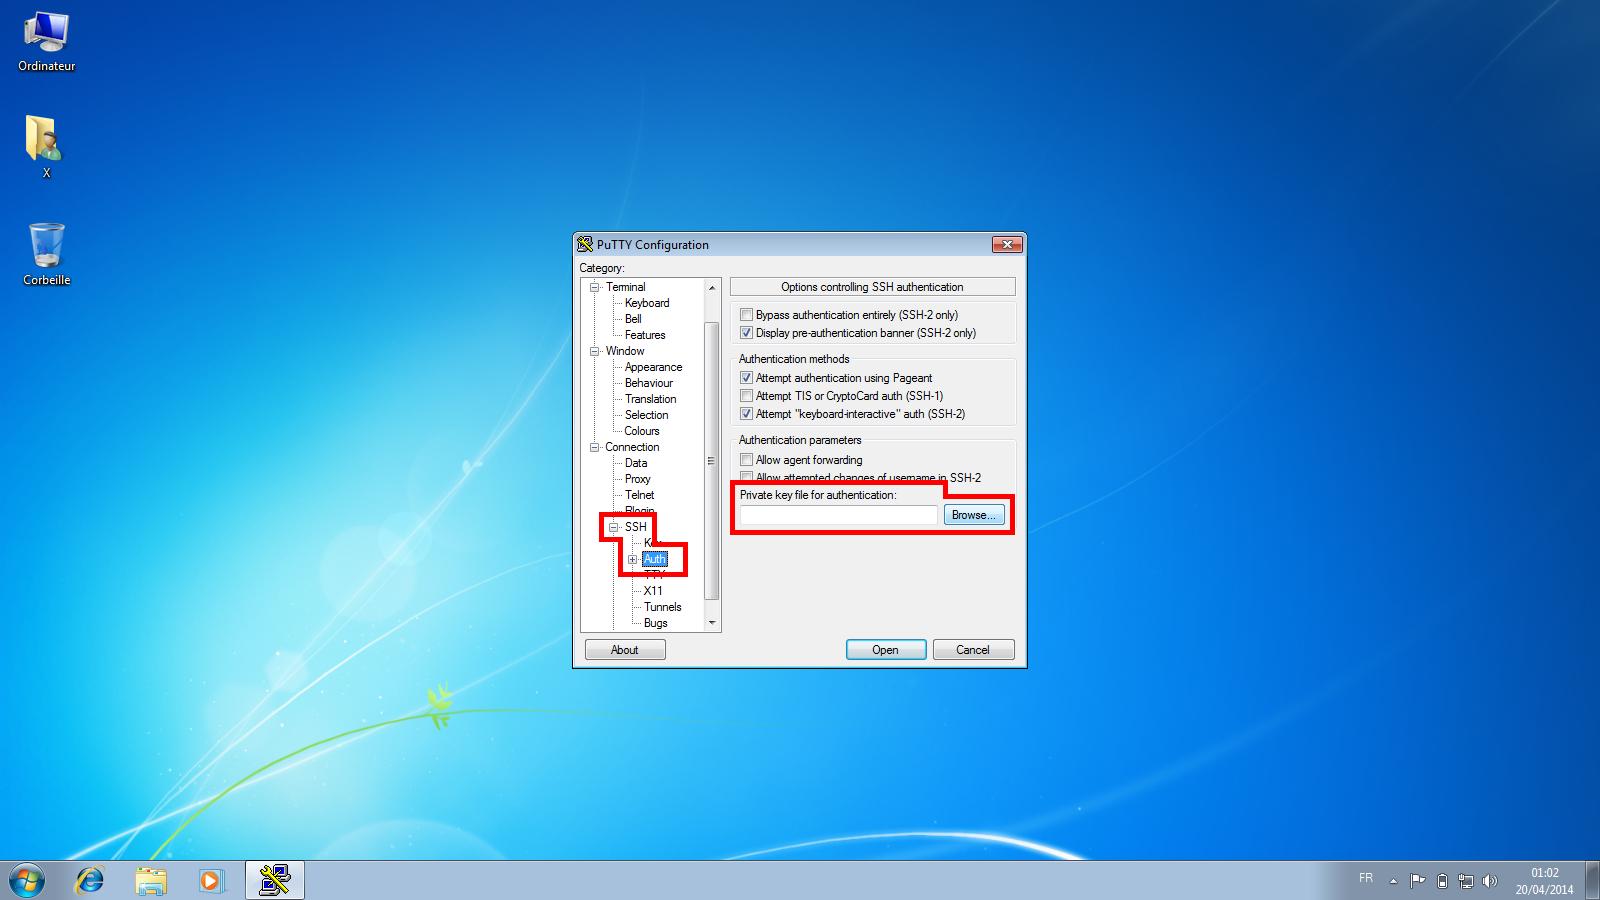 Connexion à un serveur dédié Kimsufi via le protocole SSH - Étape 5